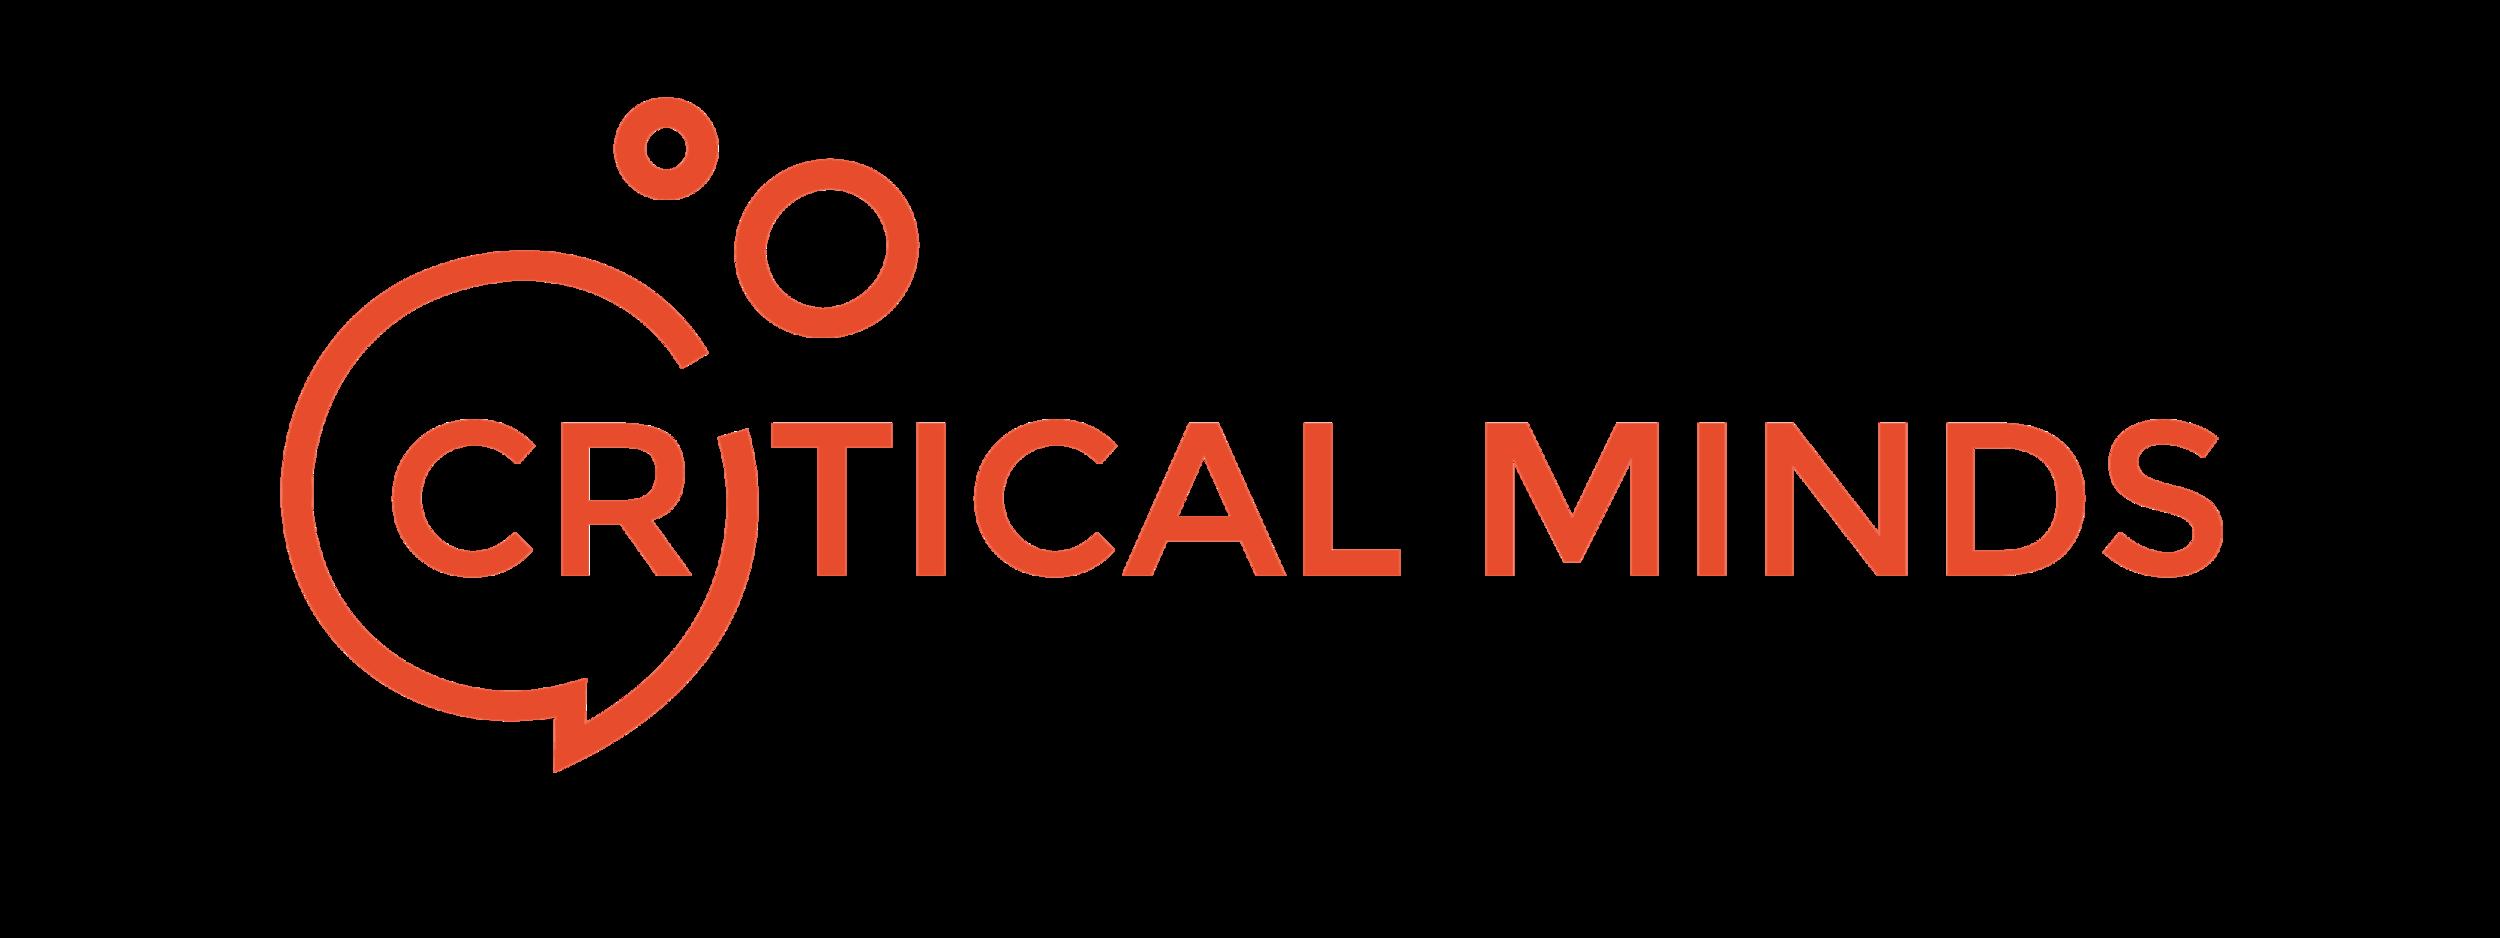 CM-Logos-red1.png